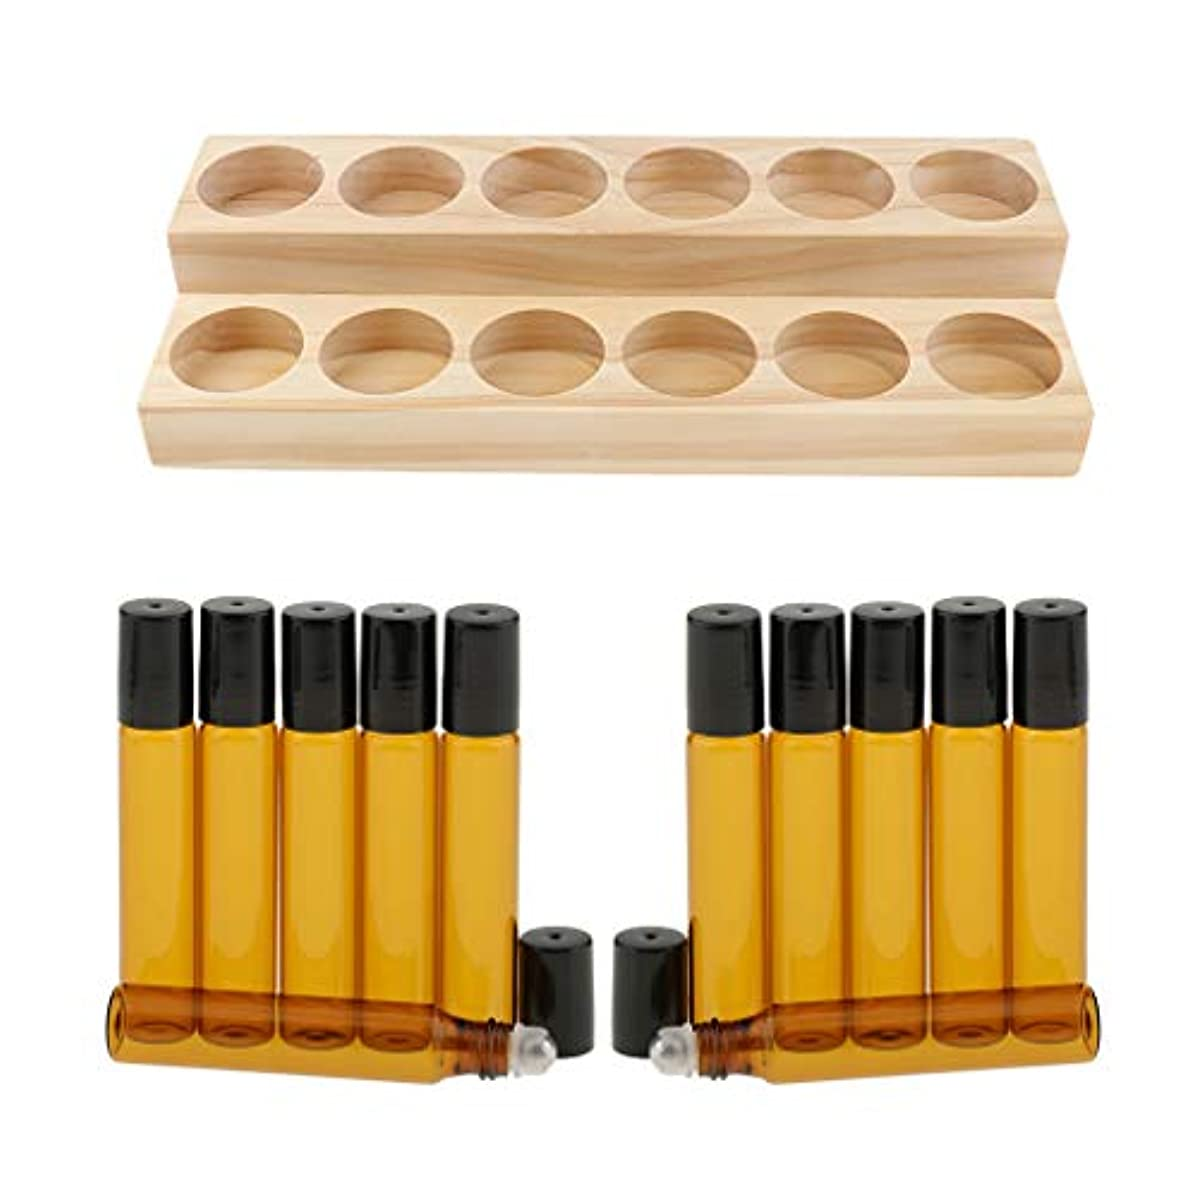 宝石道路を作るプロセスフェロー諸島収納ラック オーガナイザー 木製スタンド エッセンシャルオイル 精油 香水 展示 12個ガラス瓶付